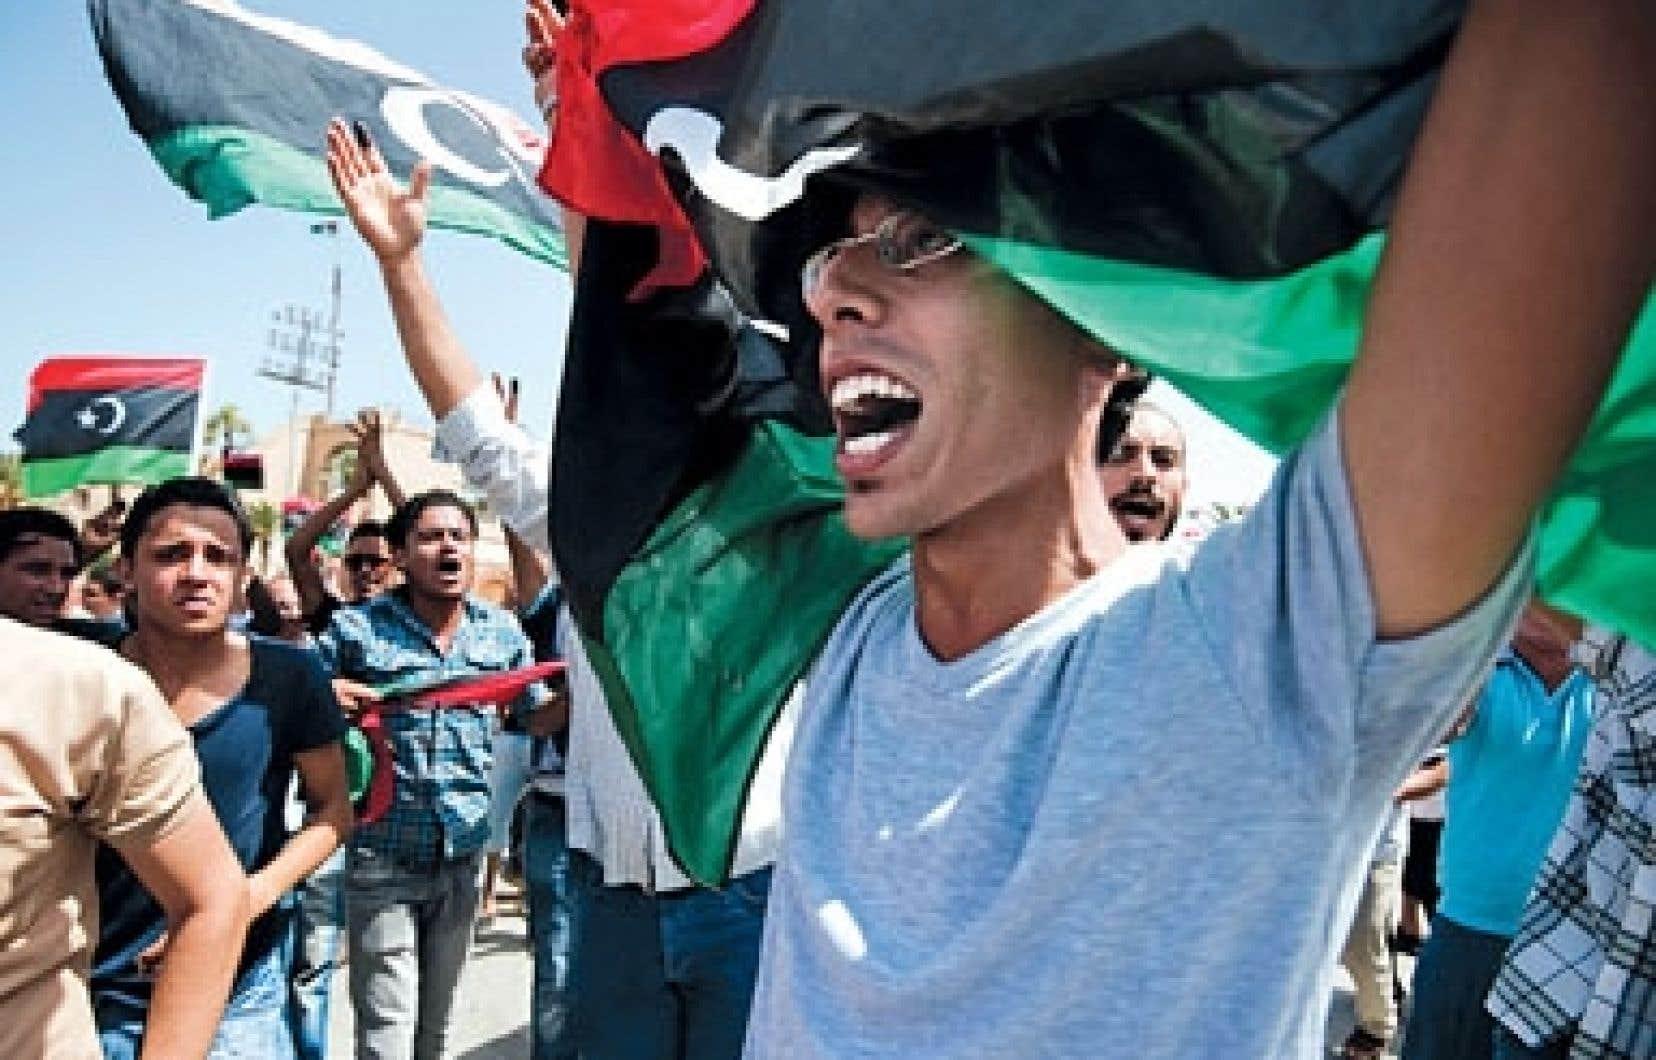 Les élections se sont déroulées dans une ambiance festive après des dizaines d'années de dictature sous le régime de Mouammar Kadhafi.